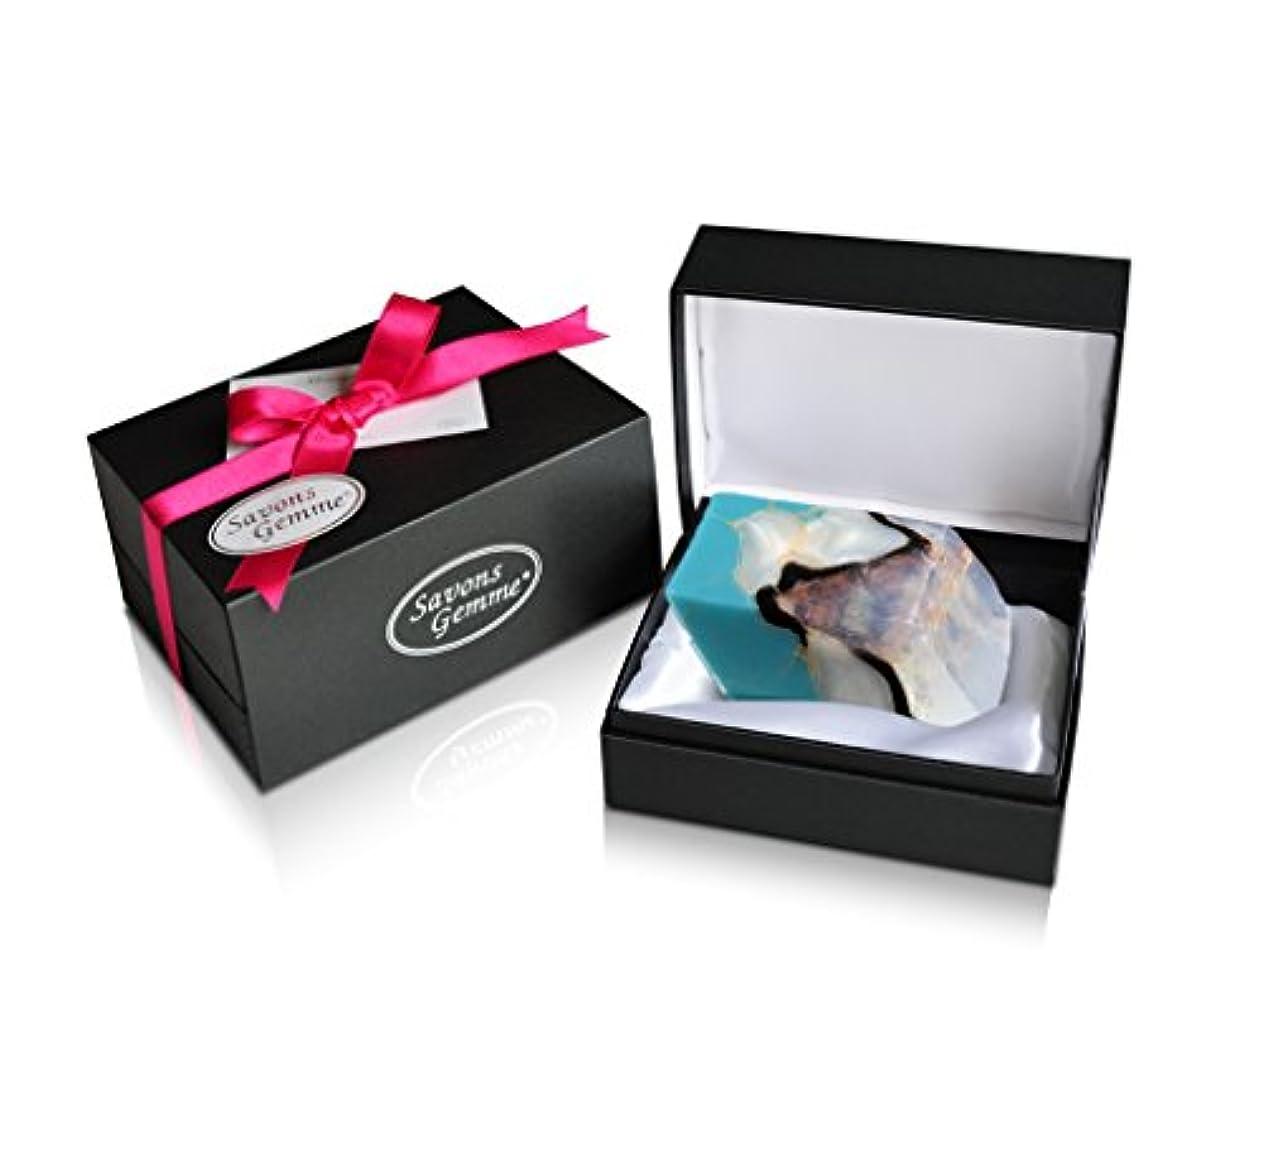 節約ナプキン近所のSavons Gemme サボンジェム ジュエリーギフトボックス 世界で一番美しい宝石石鹸 フレグランス ソープ ターコイズ 170g